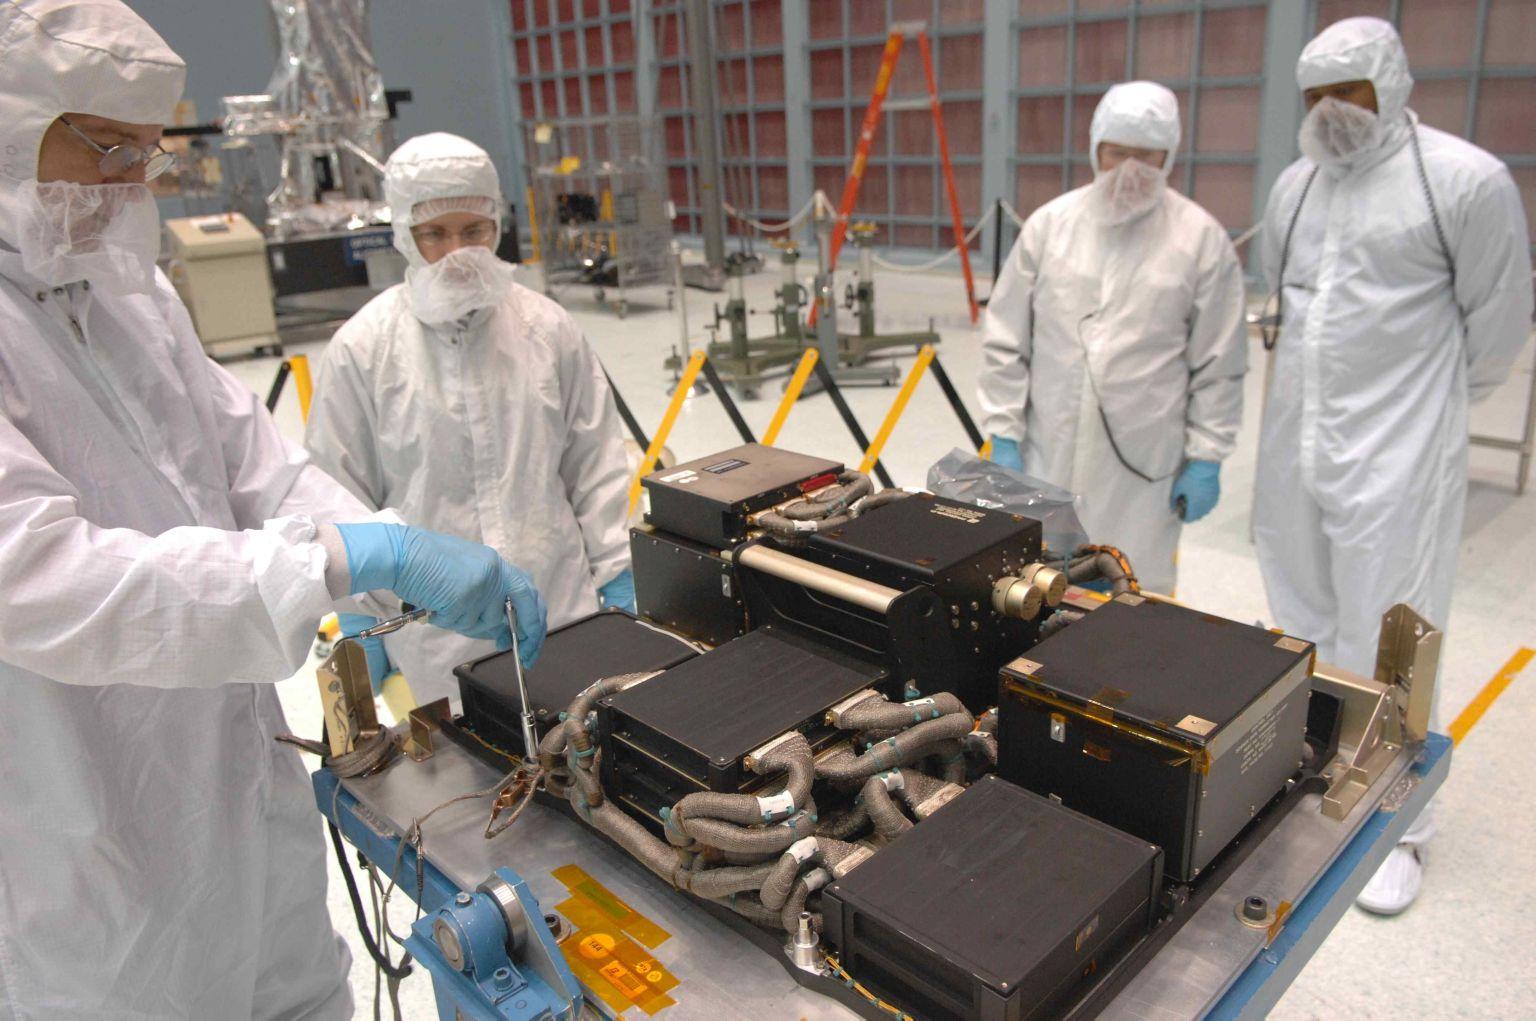 La Science Instrument e Command and Data Handling 2 (SI C&DH) durante alcuni test al Goddard Space Center nel 2008. Questa unità verrà montata su Hubble nel 2009 durante la missione STS131 dello Space Shuttle. E' attualmente la componente dove si trova la causa del problema. Credits: NASA.